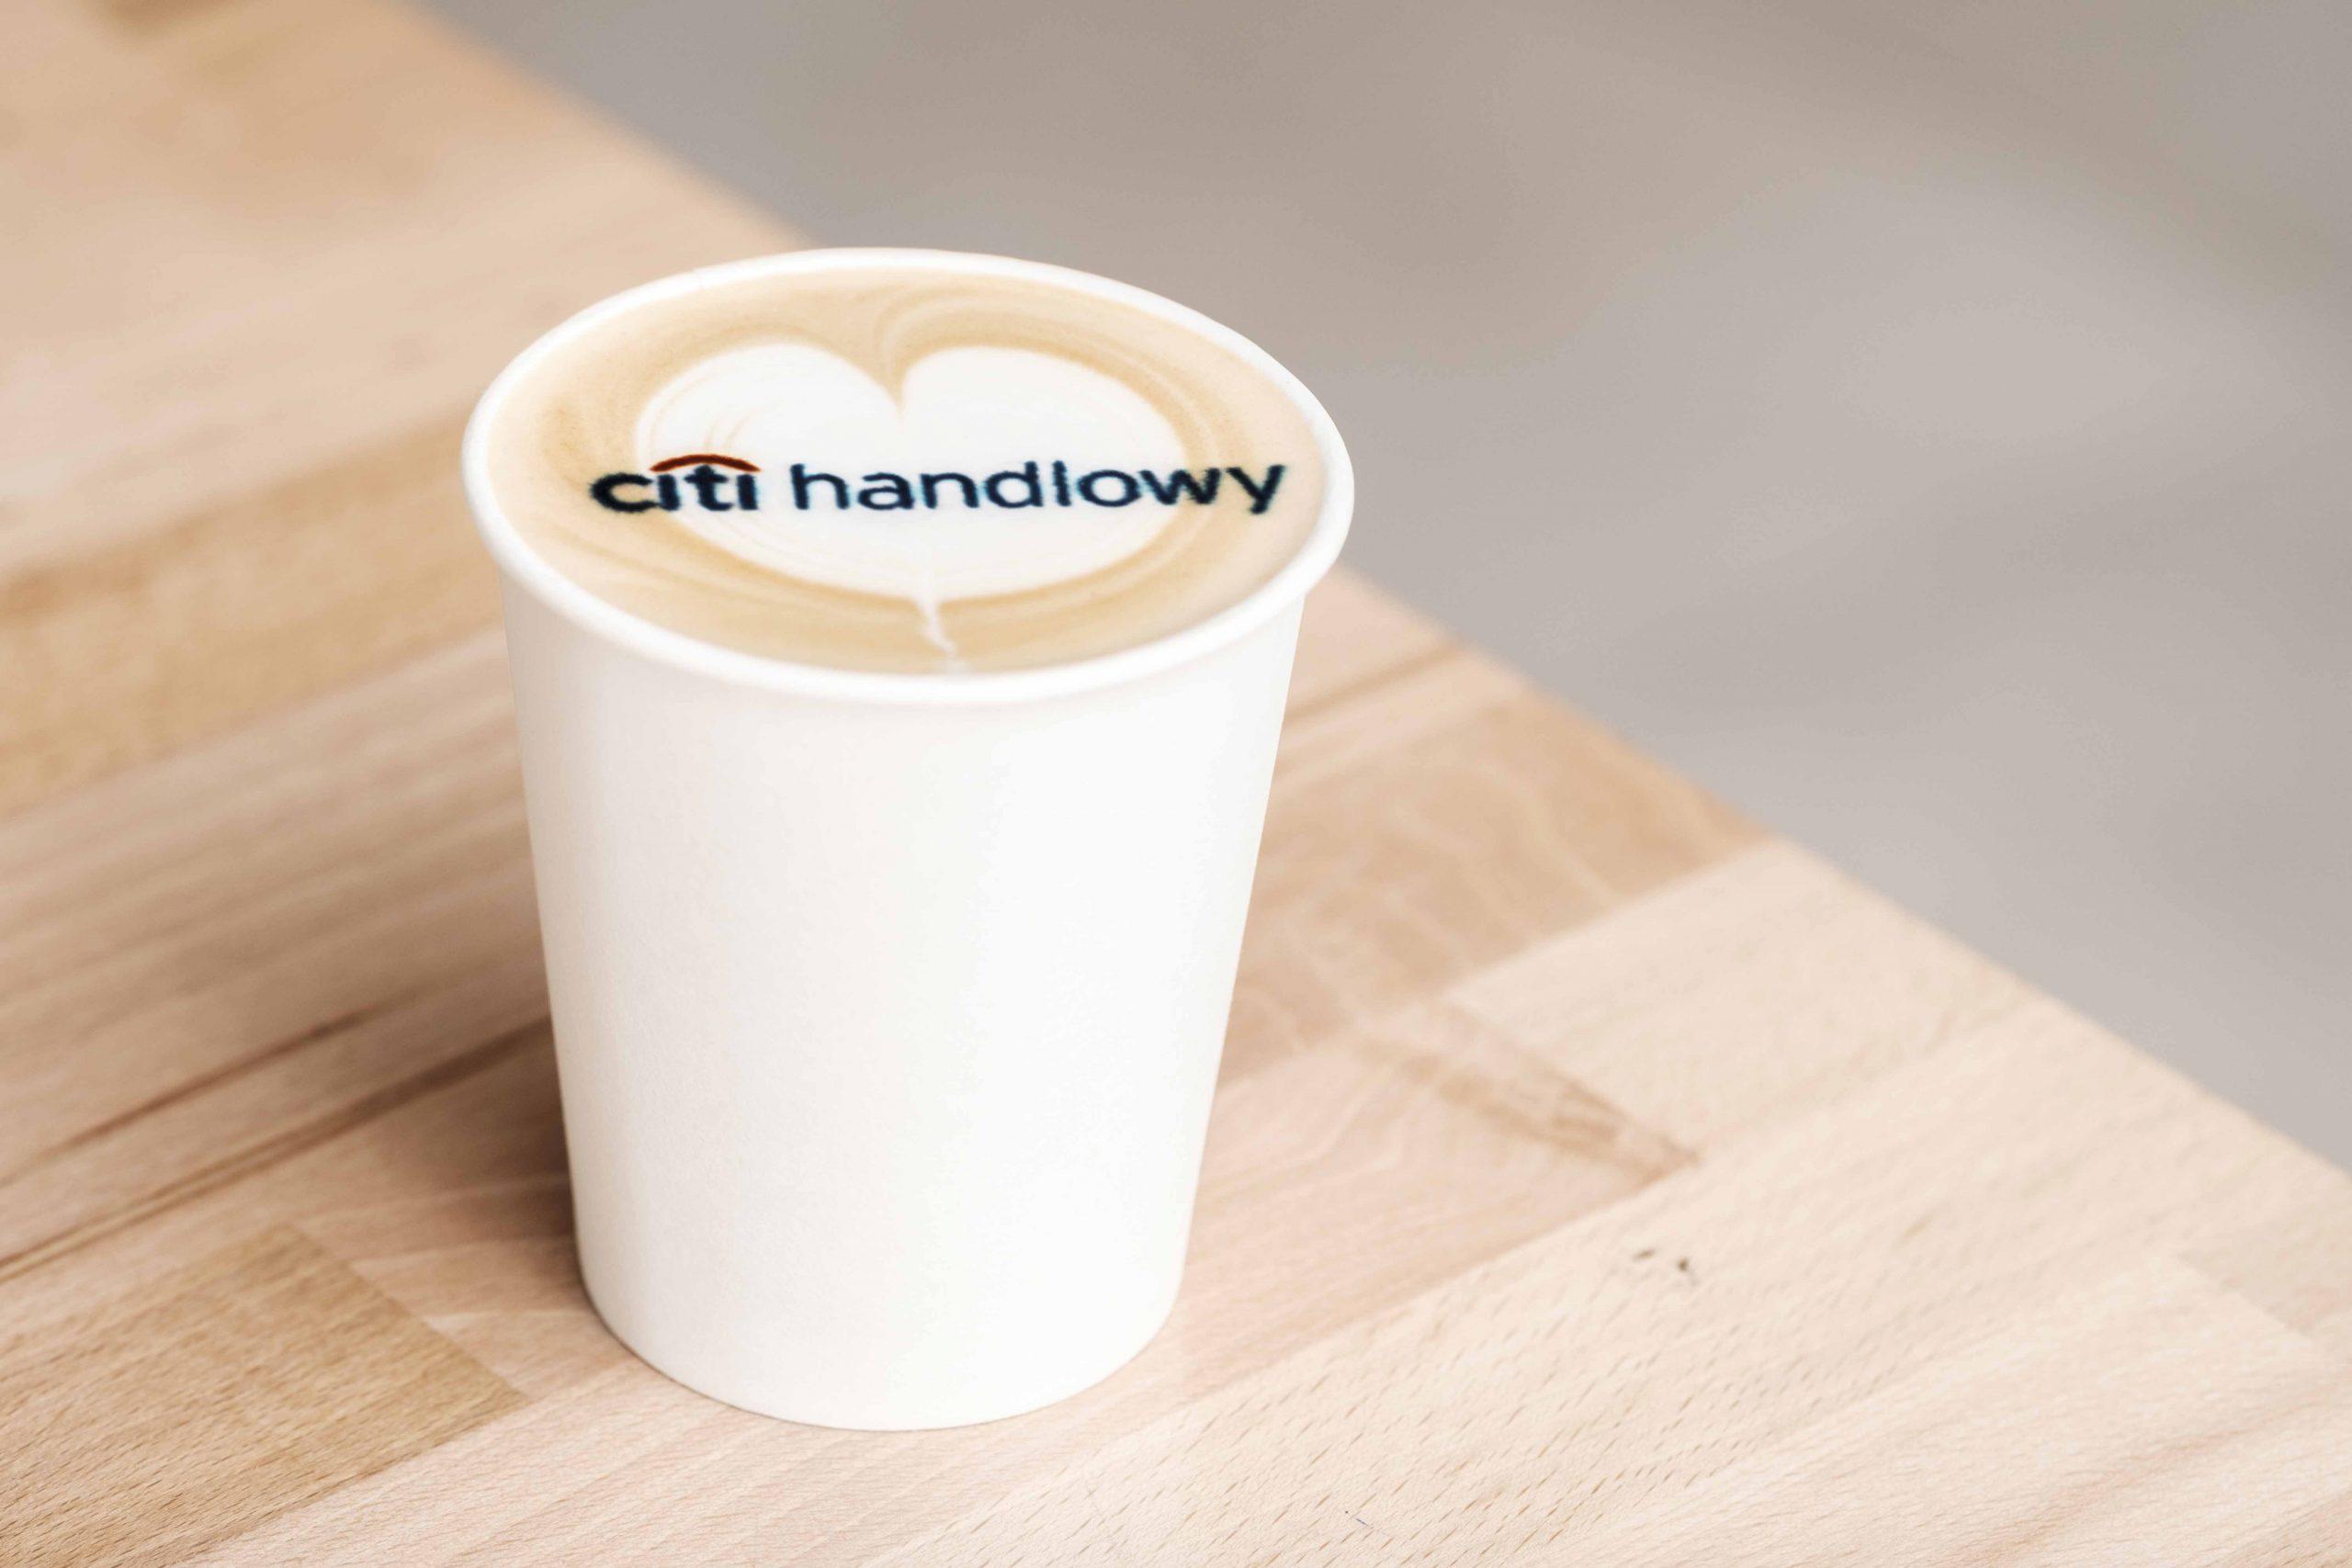 kawa z logo citi handlowy krakow